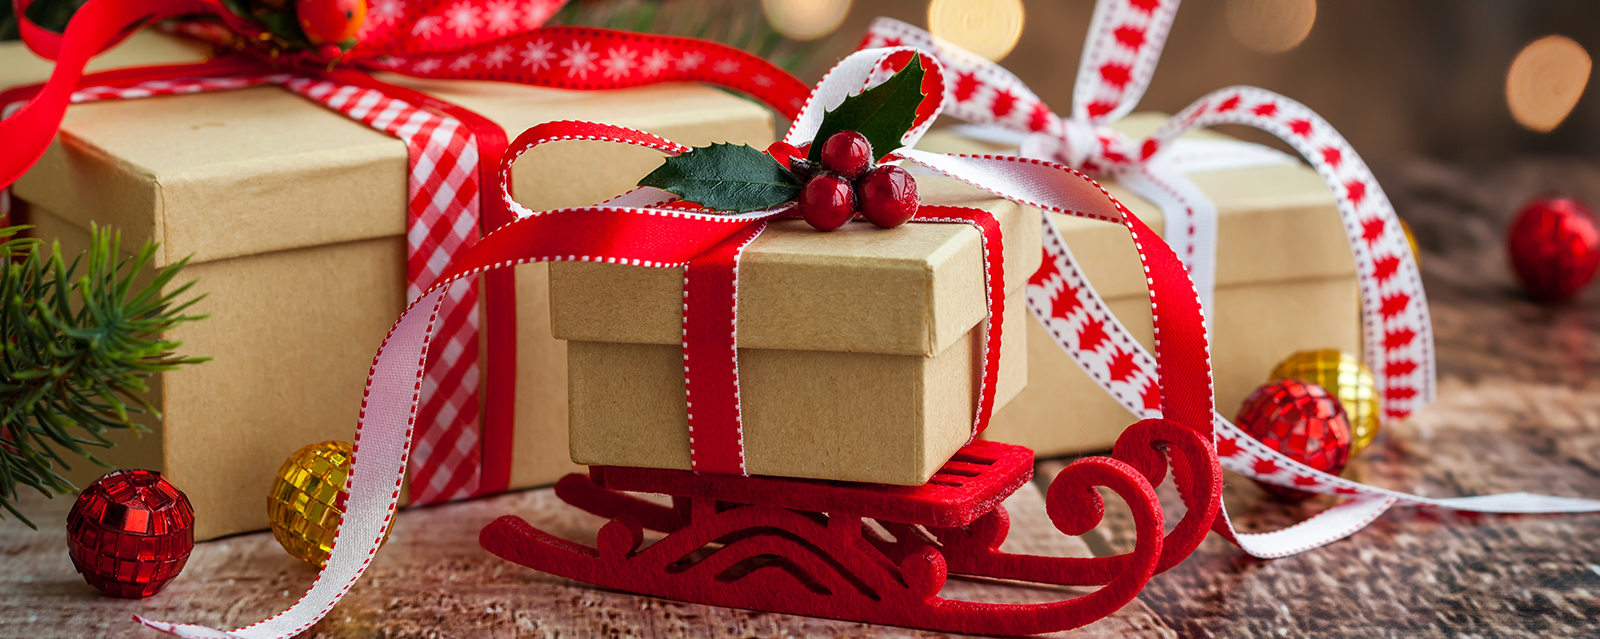 Holiday Specials at Santa Clara Hotel